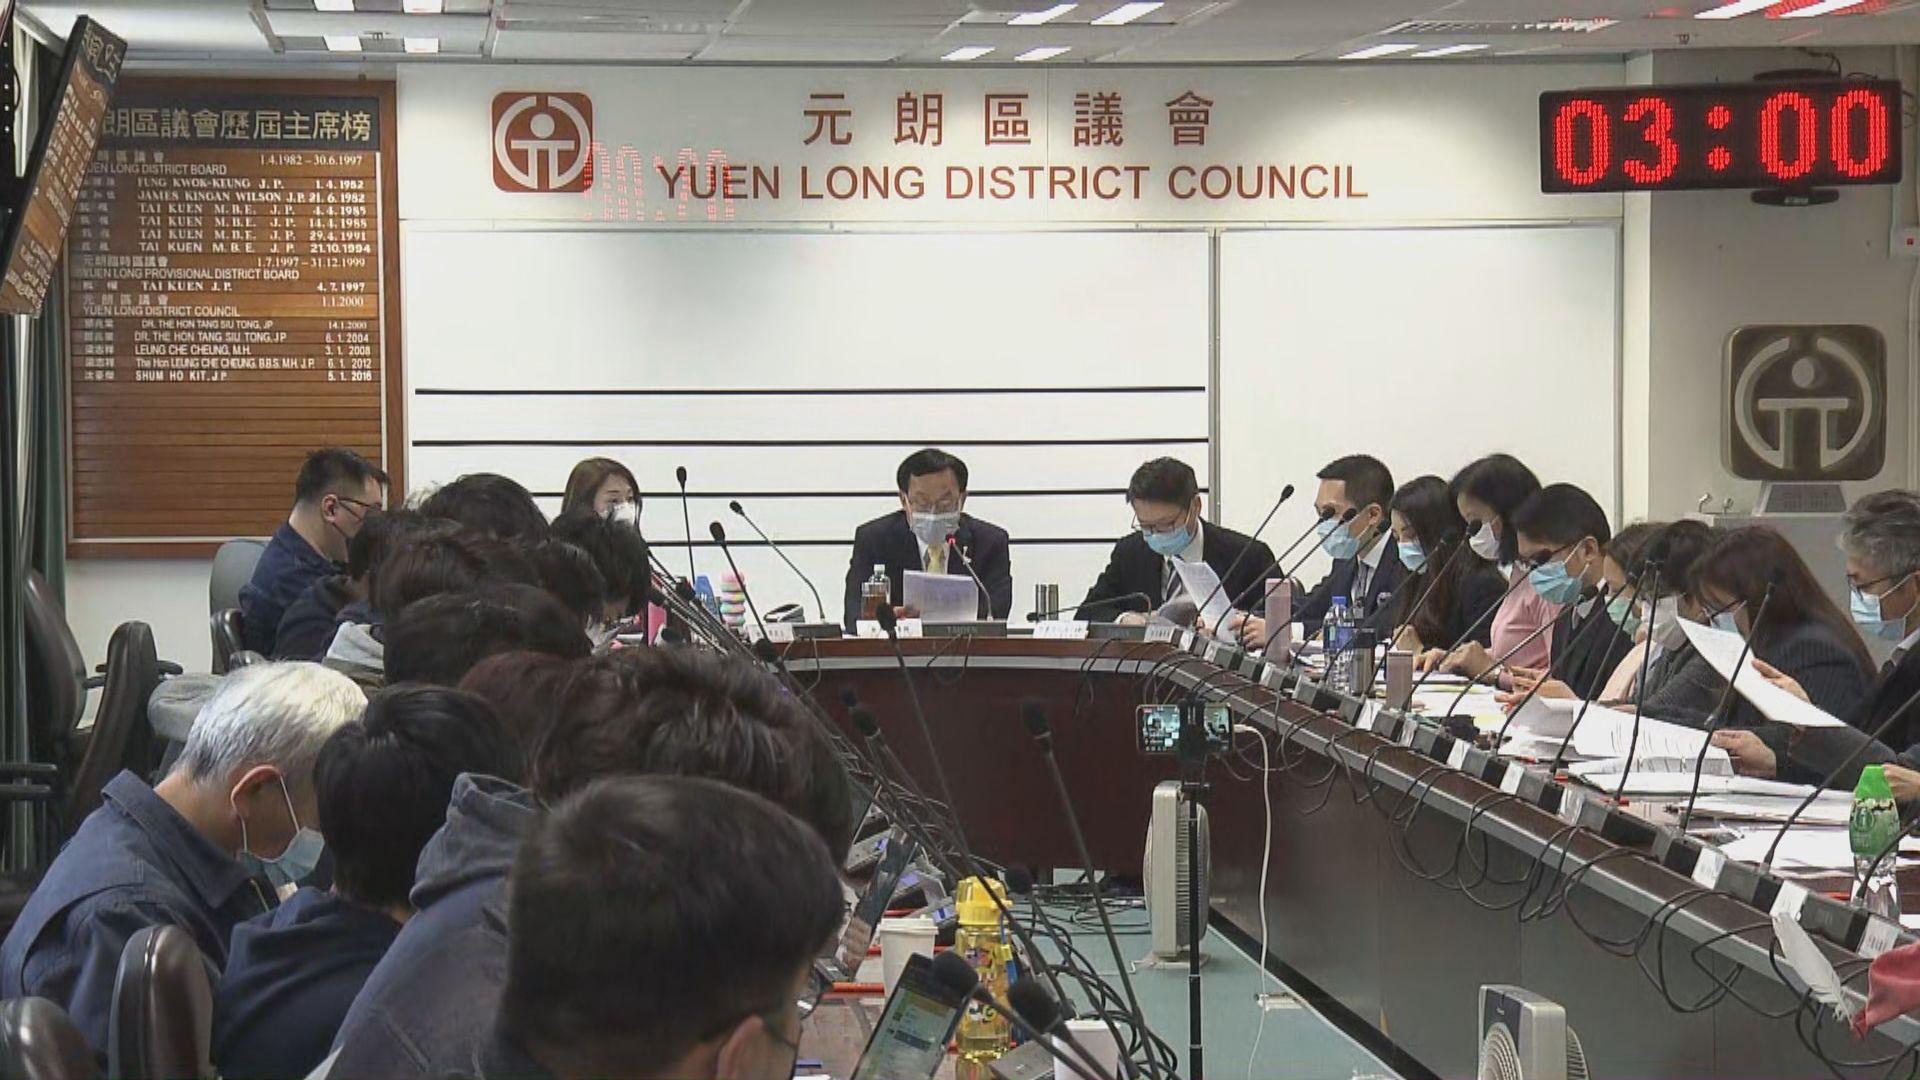 元朗區議會通過撥款20萬購買口罩在社區派發